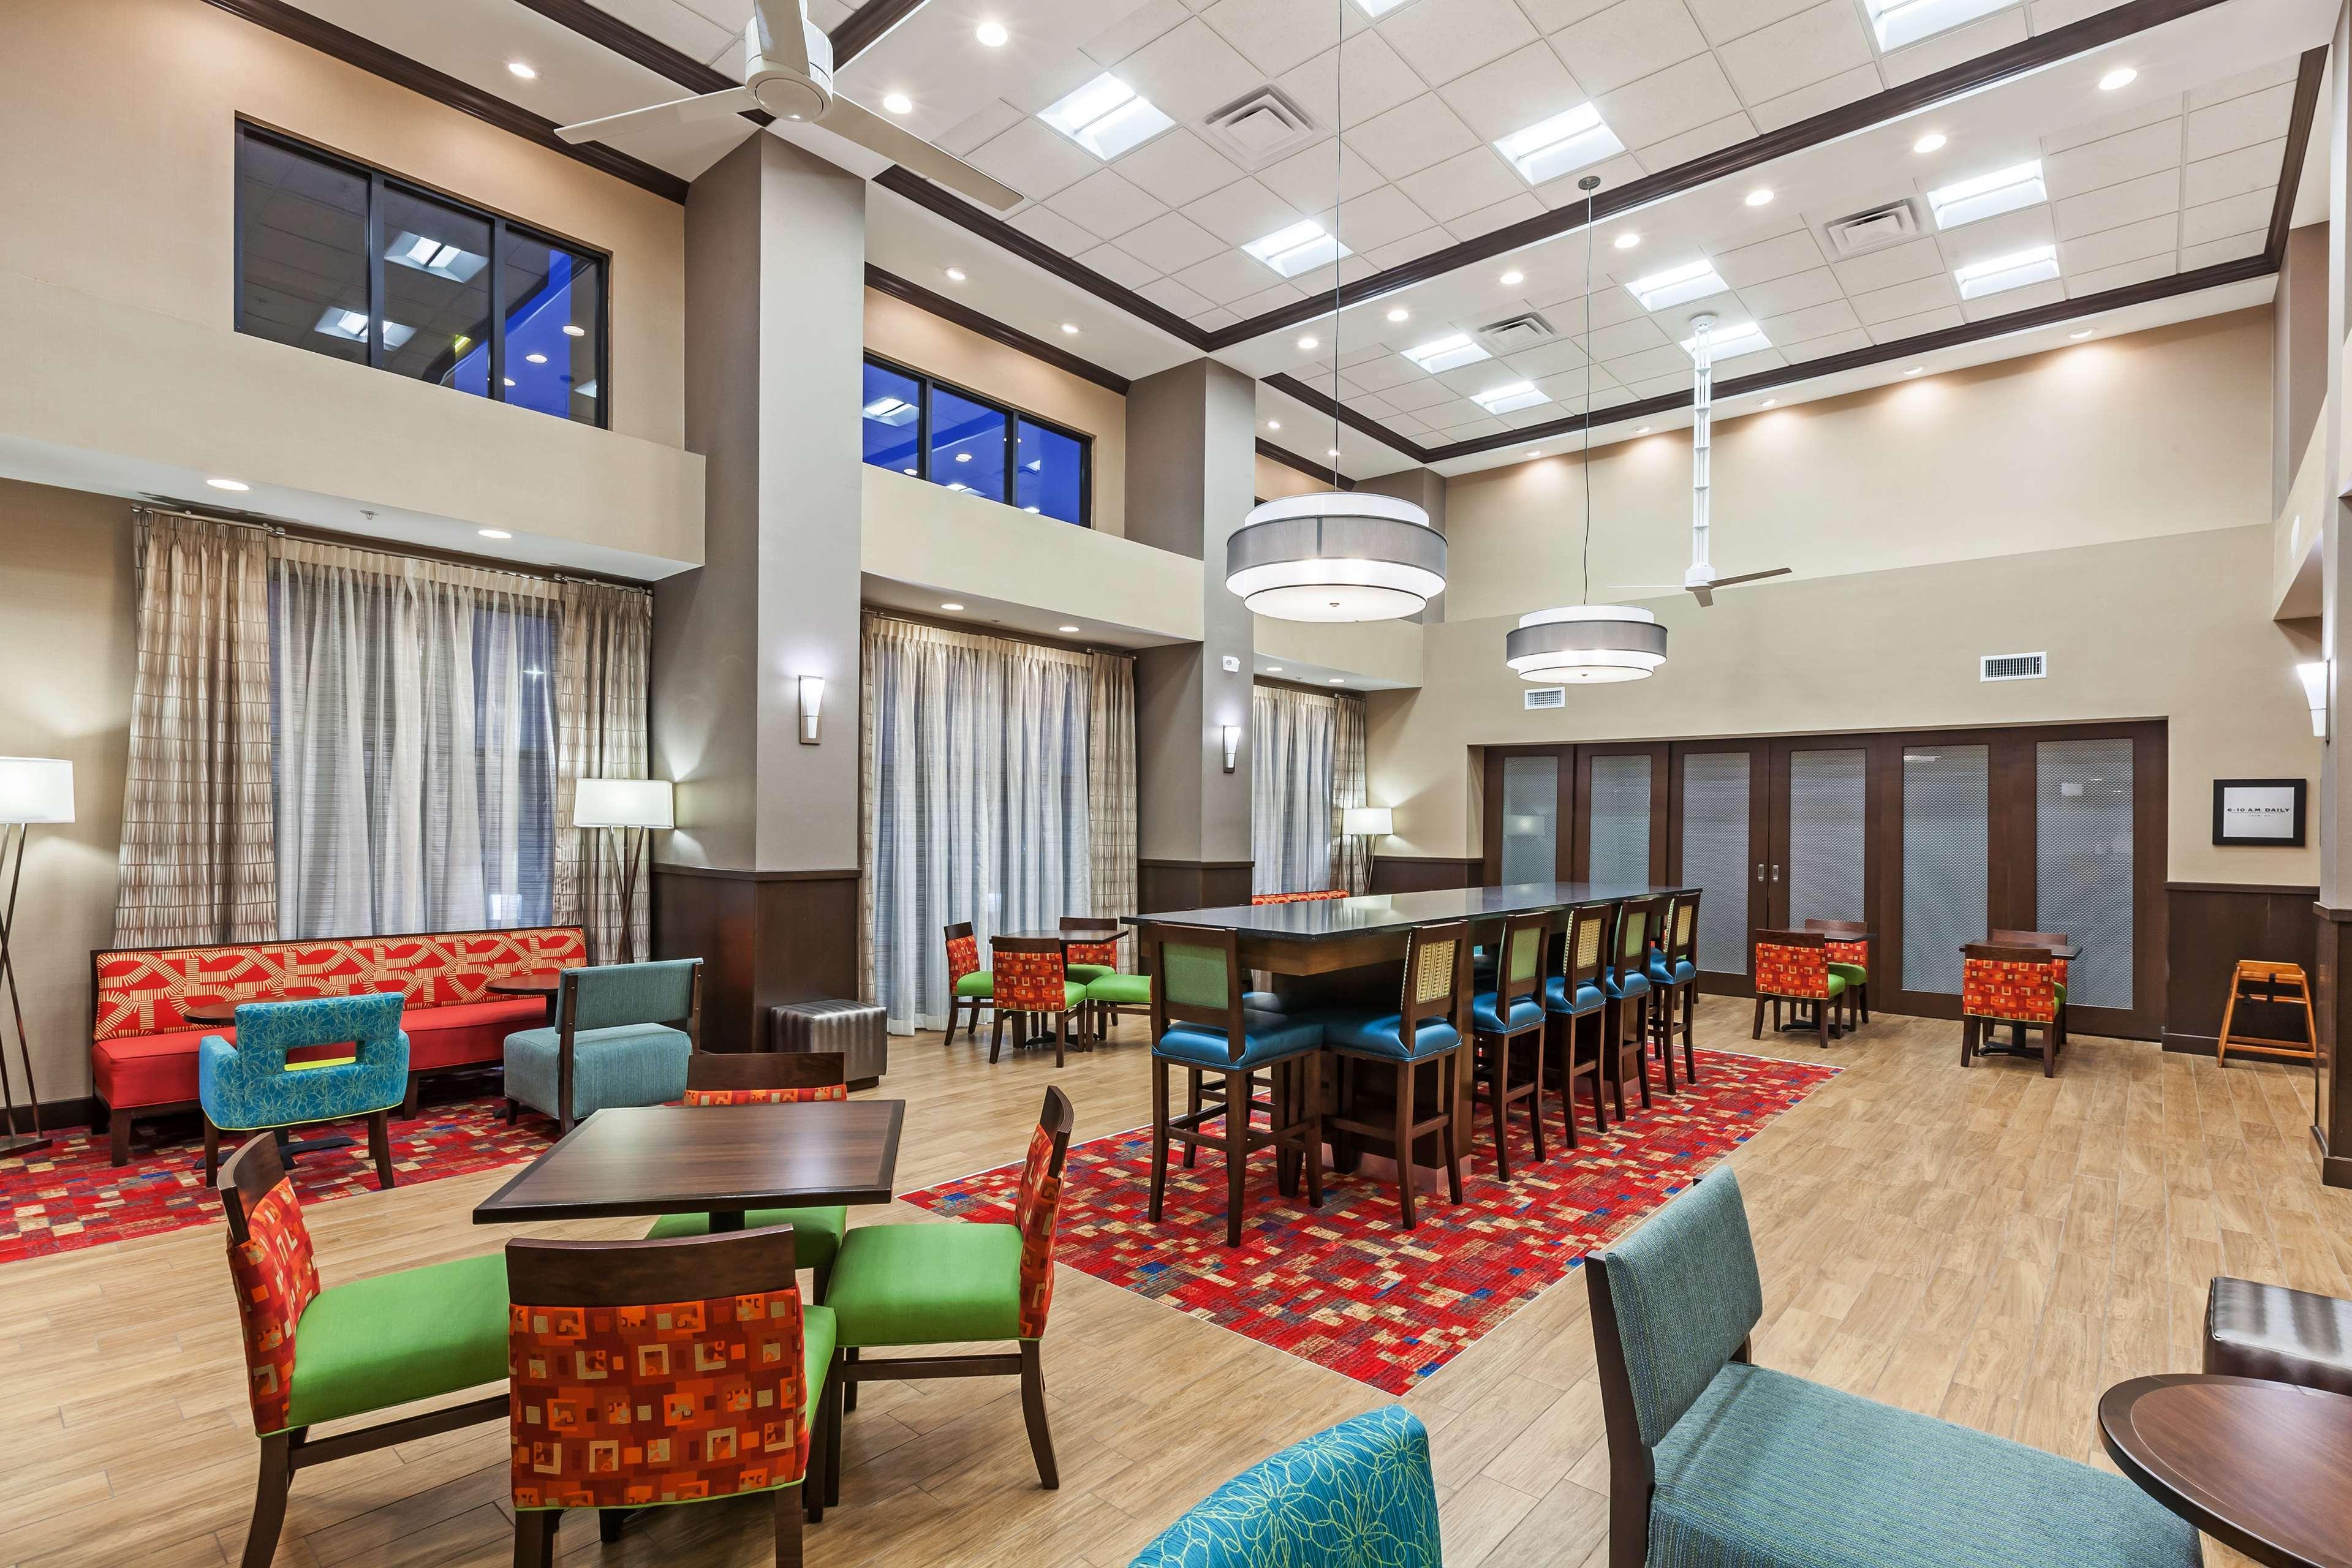 Hampton Inn & Suites Claremore image 6